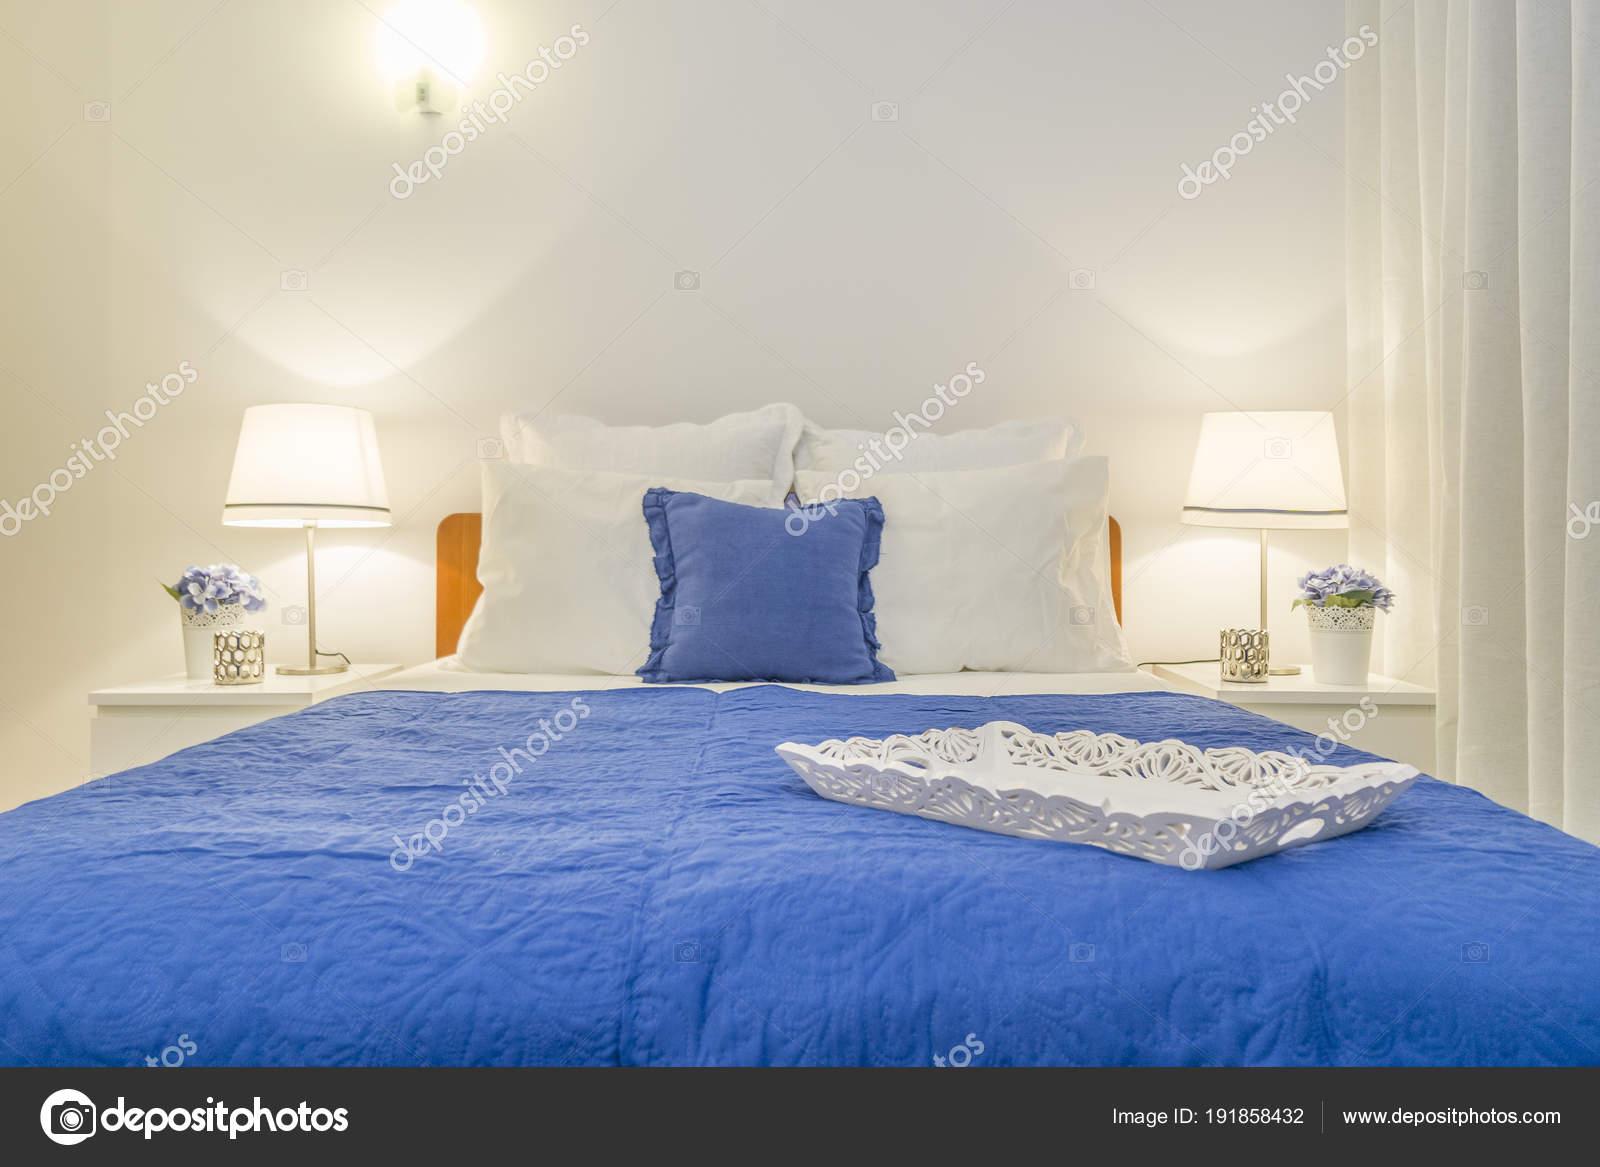 Intagliato in legno vassoio decorazione camera da letto elegante in ...